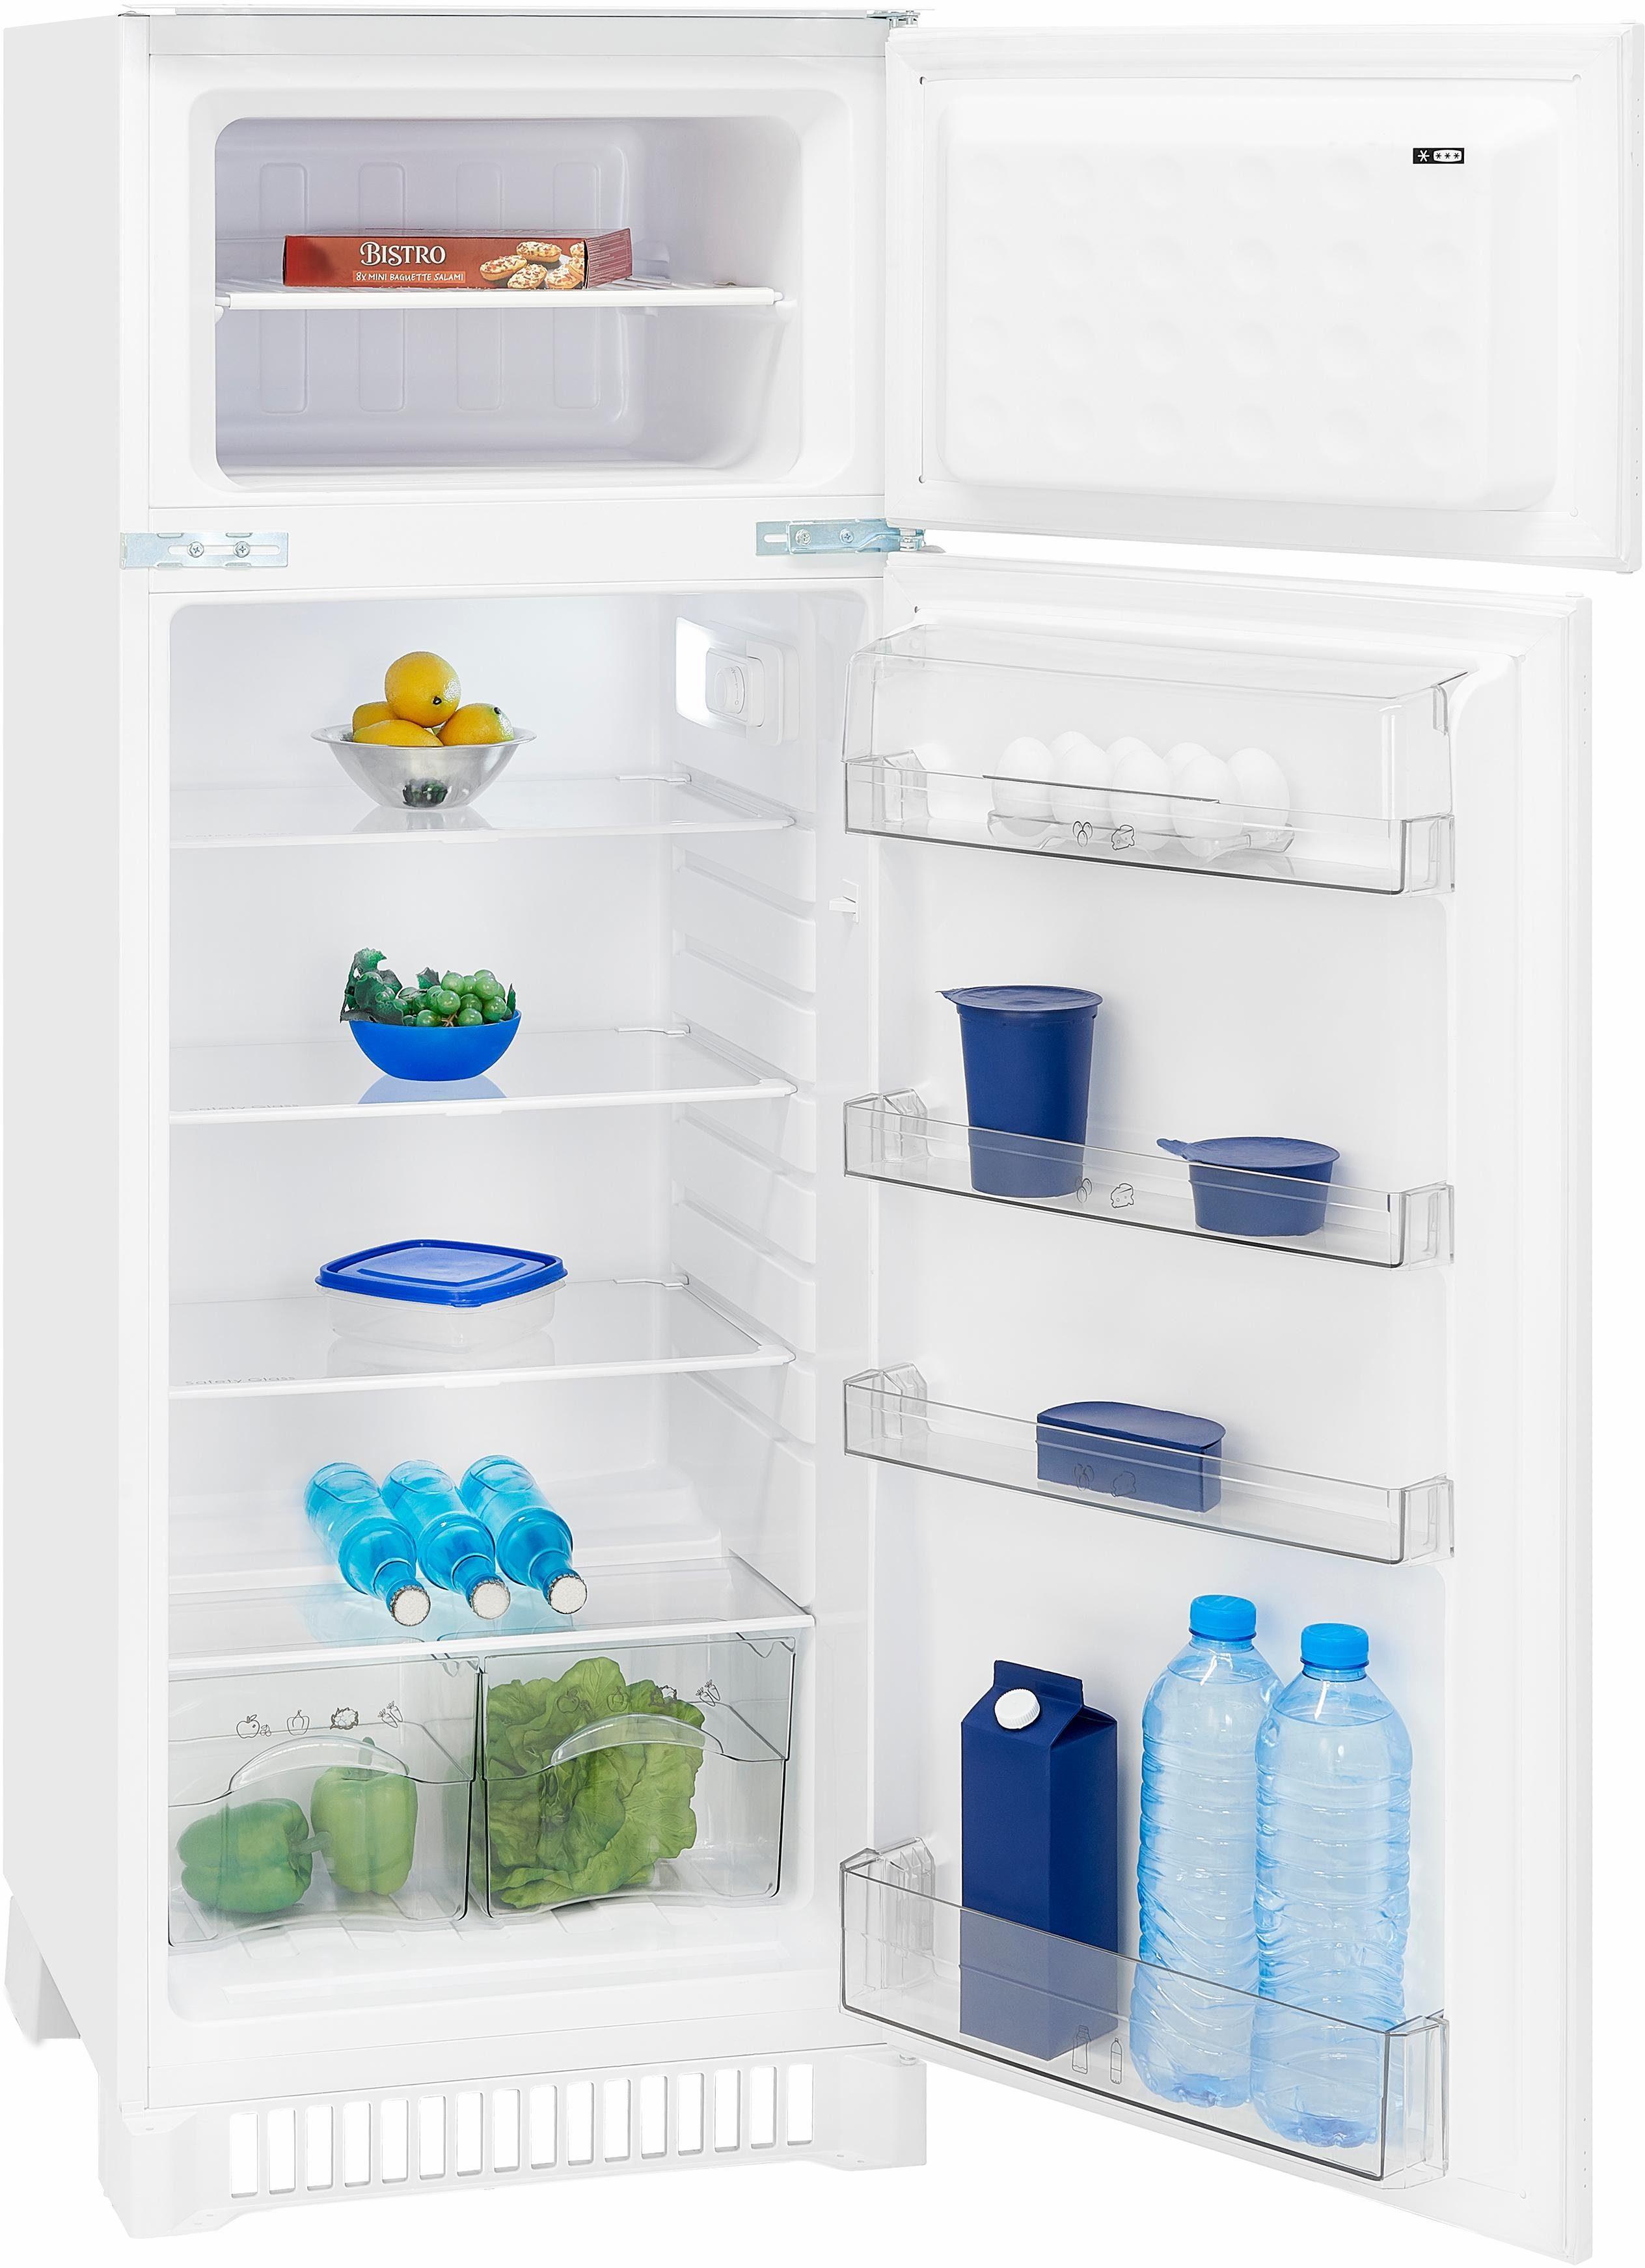 exquisit Einbaukühlschrank EKGC265-40-4, 144,5 cm hoch, 54,5 cm breit, Energieeffizienzklasse A++